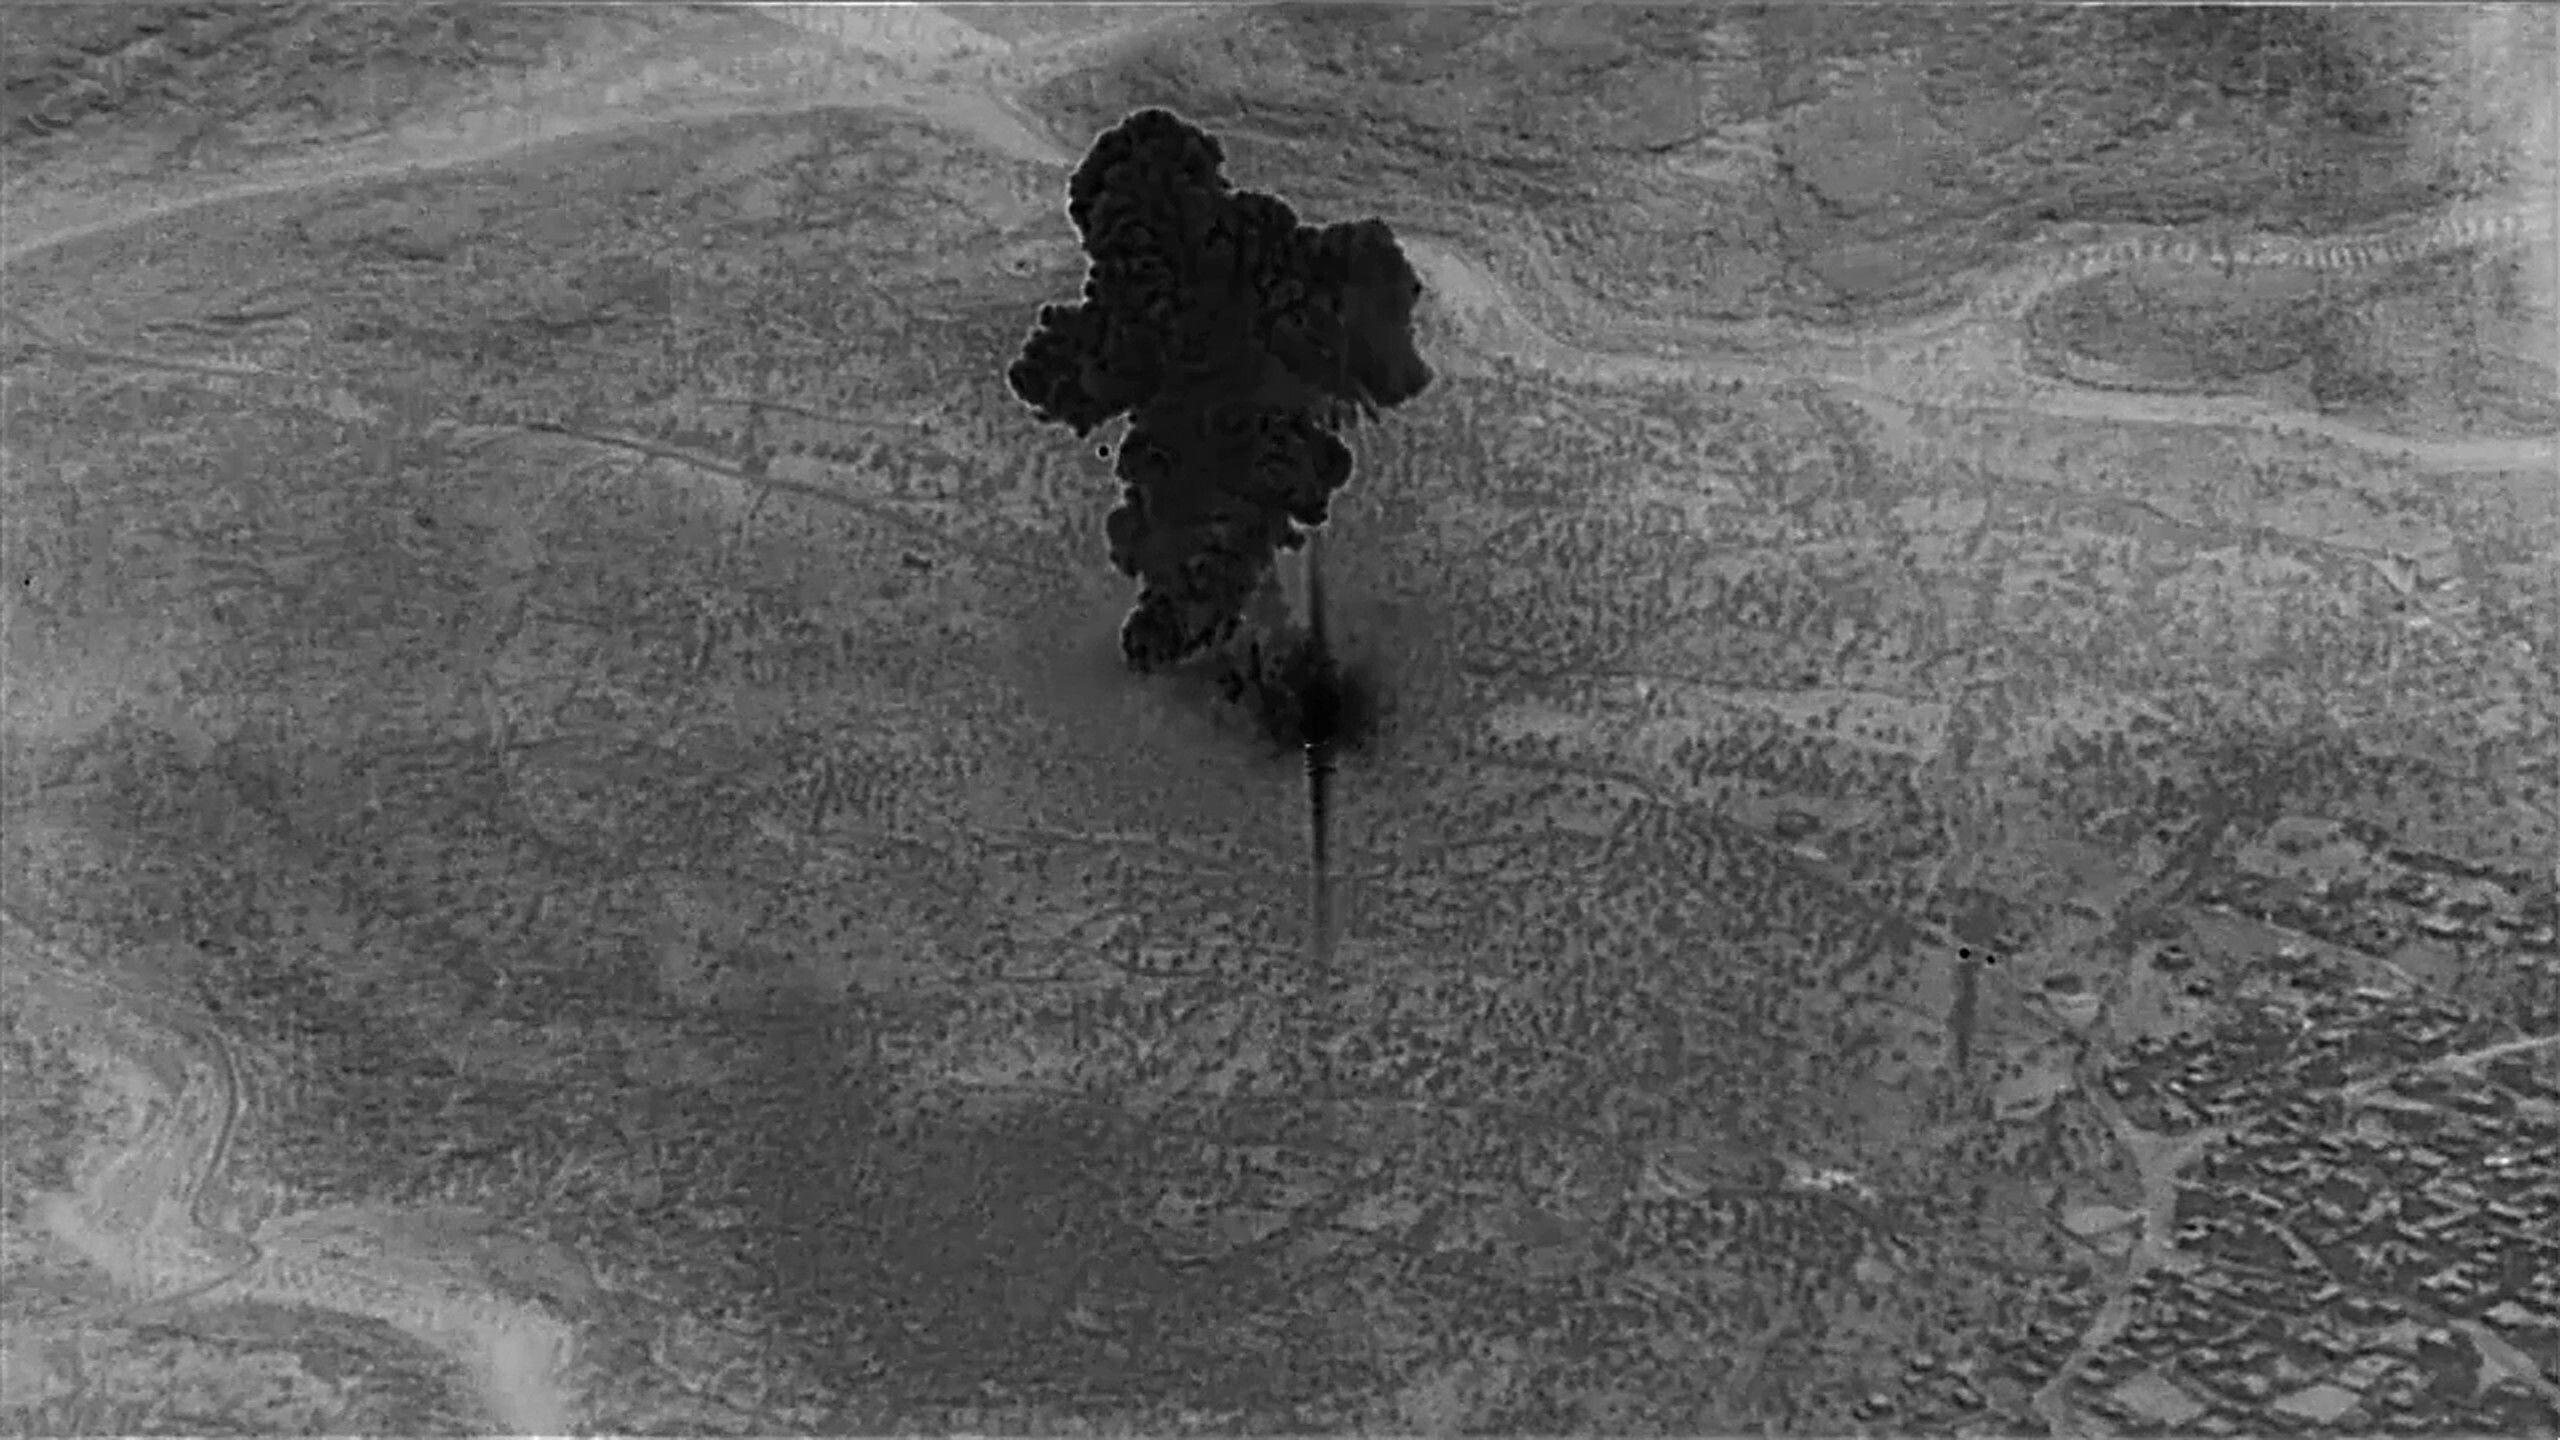 Фото з місця ліквідації аль-Багдаді_5